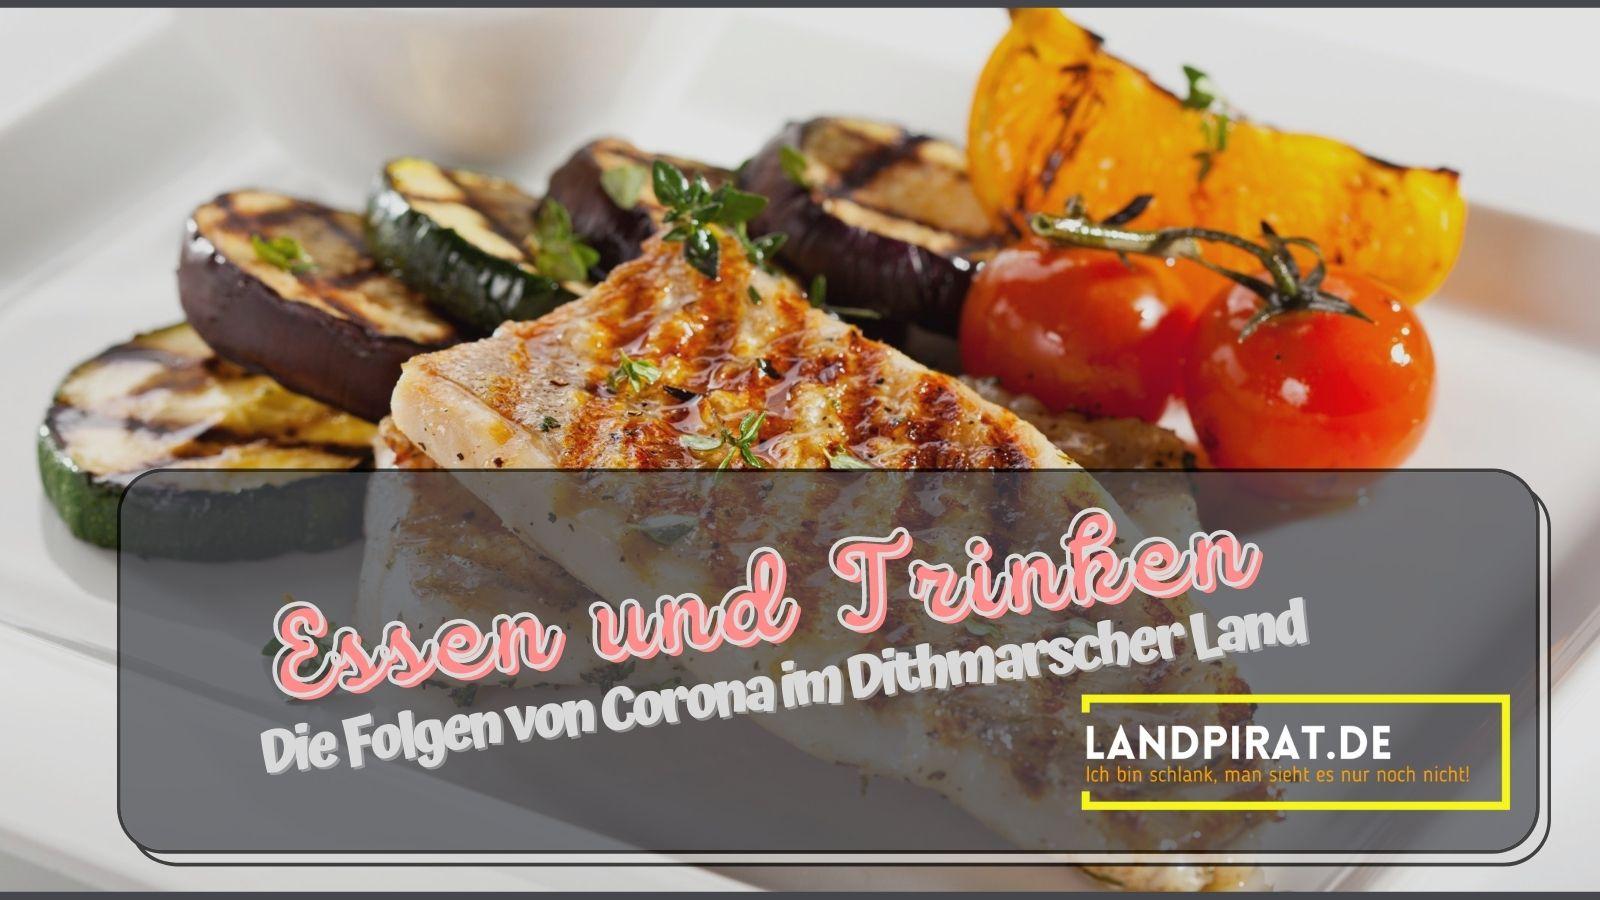 Read more about the article Essen und Trinken – Die Folgen von Corona im Dithmarscher Land